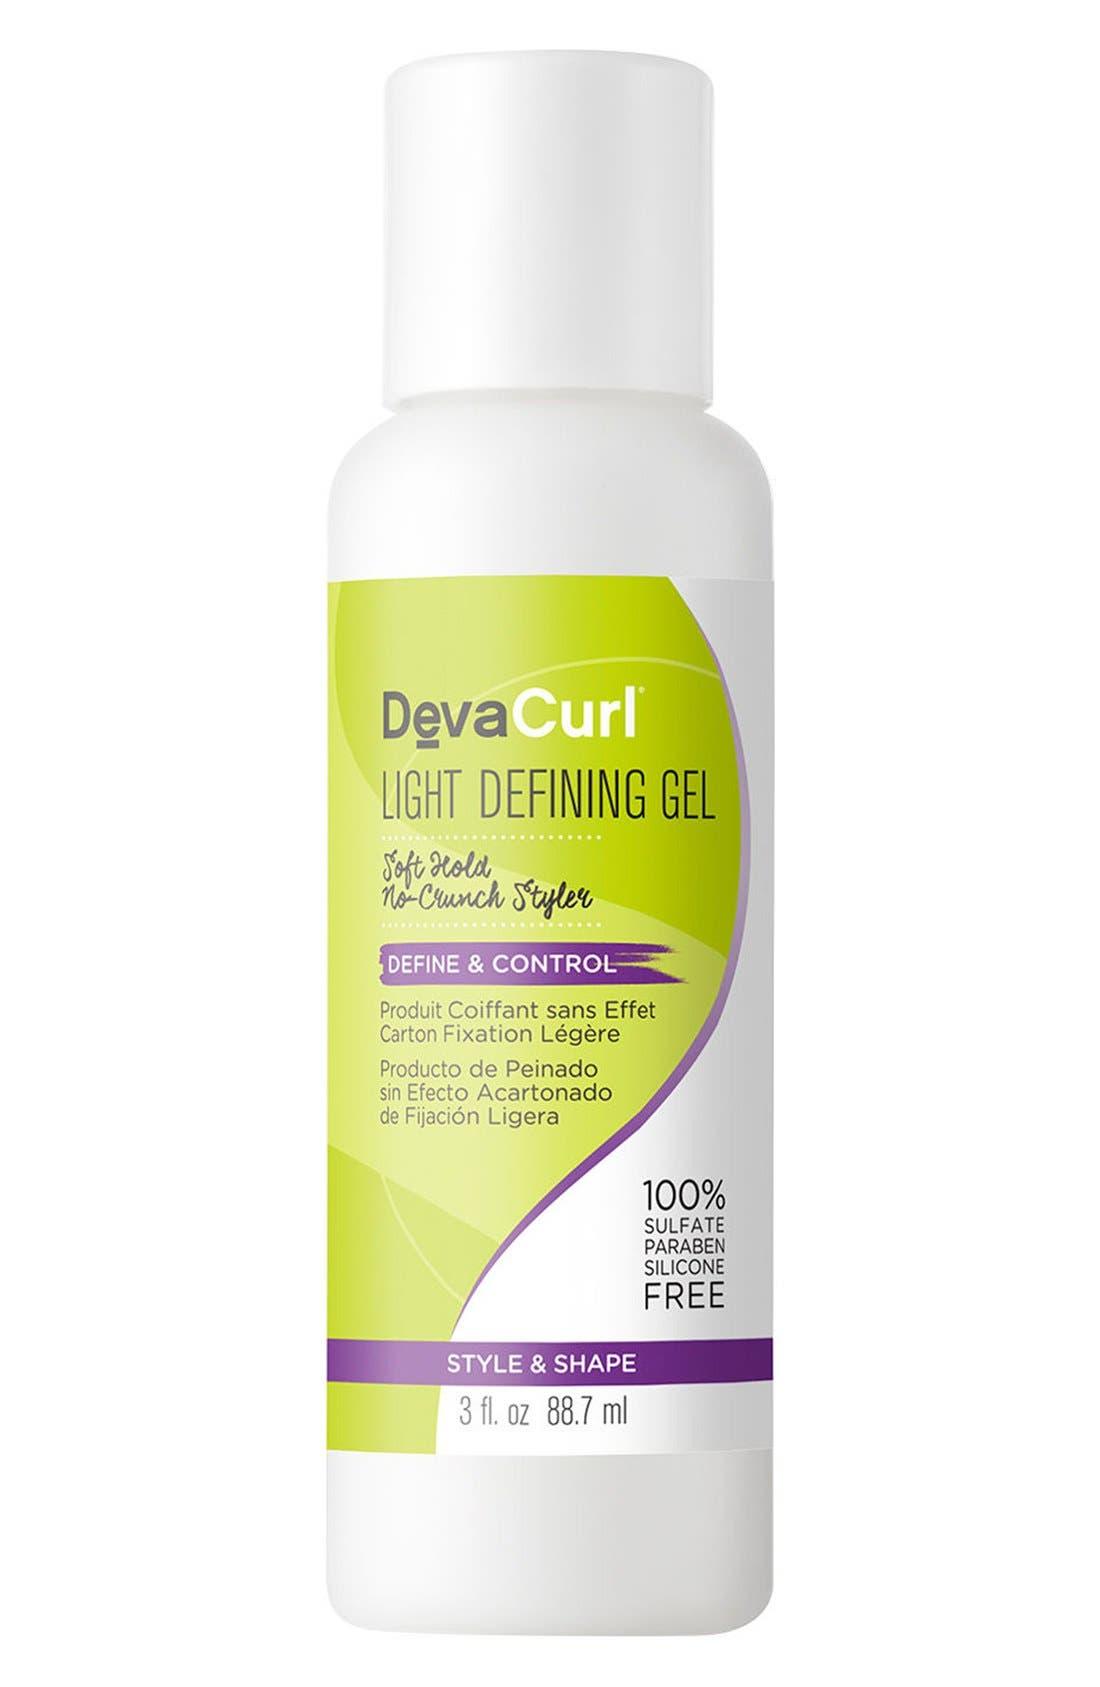 DEVACURL, Light Defining Gel Soft Hold No-Crunch Styler, Alternate thumbnail 4, color, NO COLOR